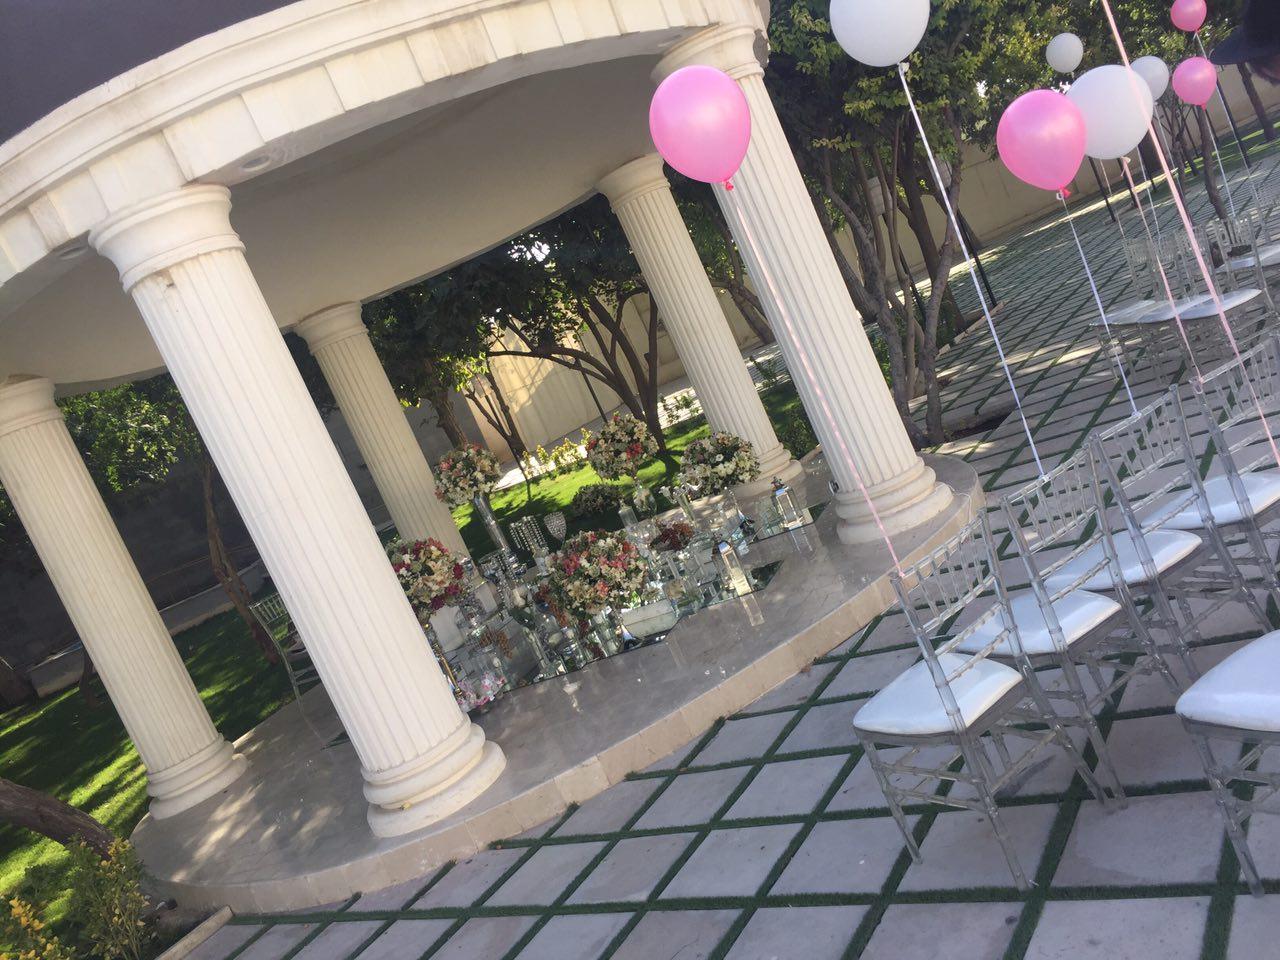 برگزاری عقد در تهران ، سالن اجتماعات برای عقد ، باغ برای جشن عقد